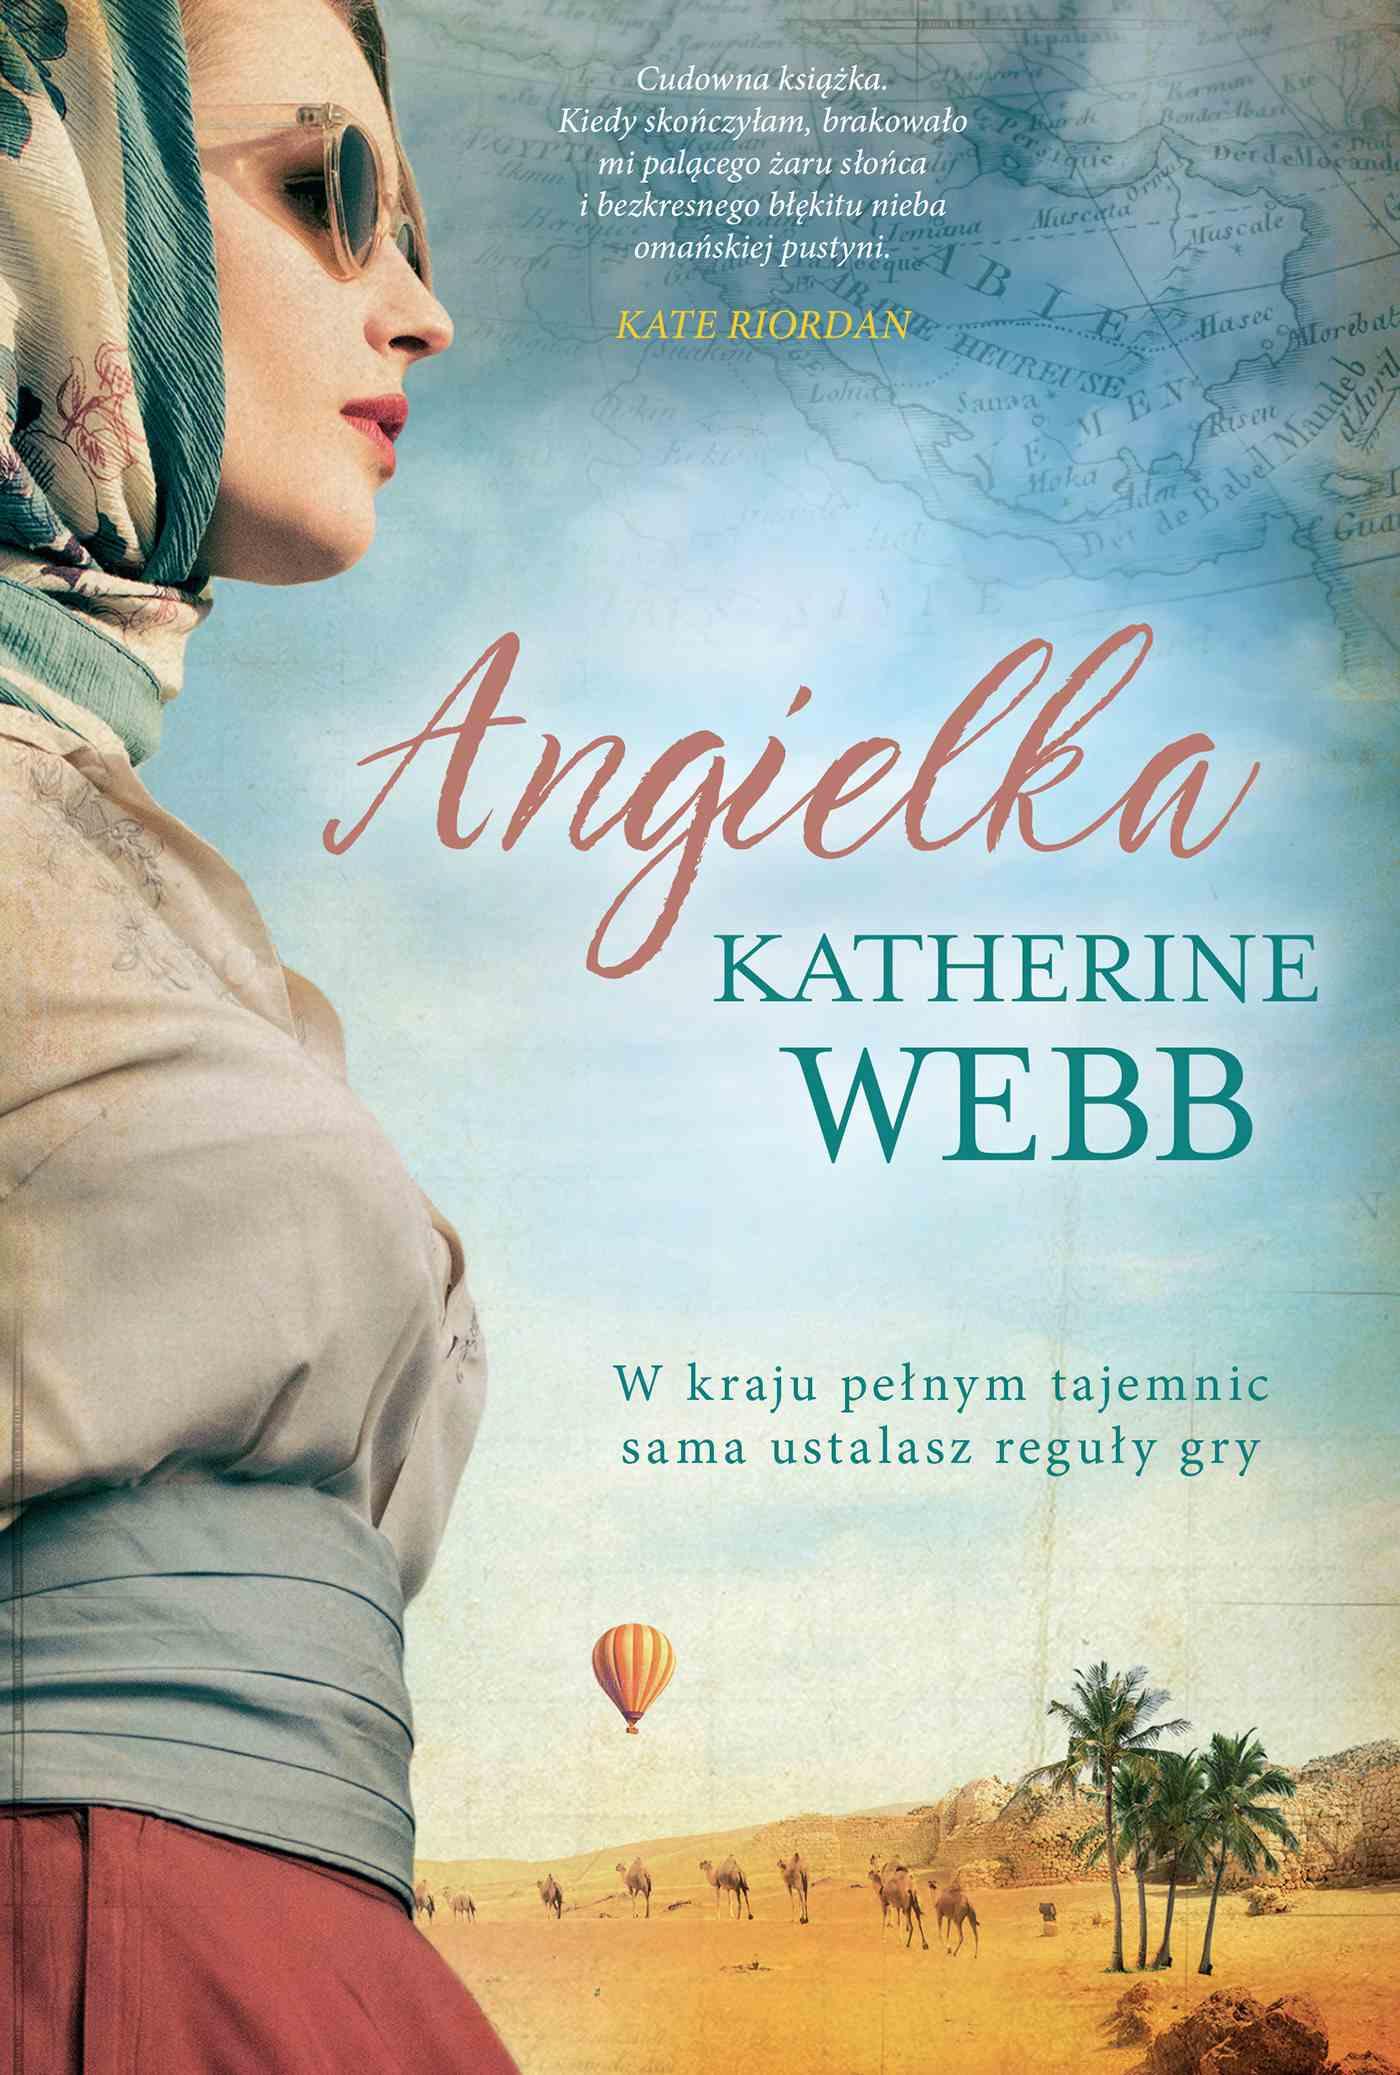 Angielka - Ebook (Książka na Kindle) do pobrania w formacie MOBI